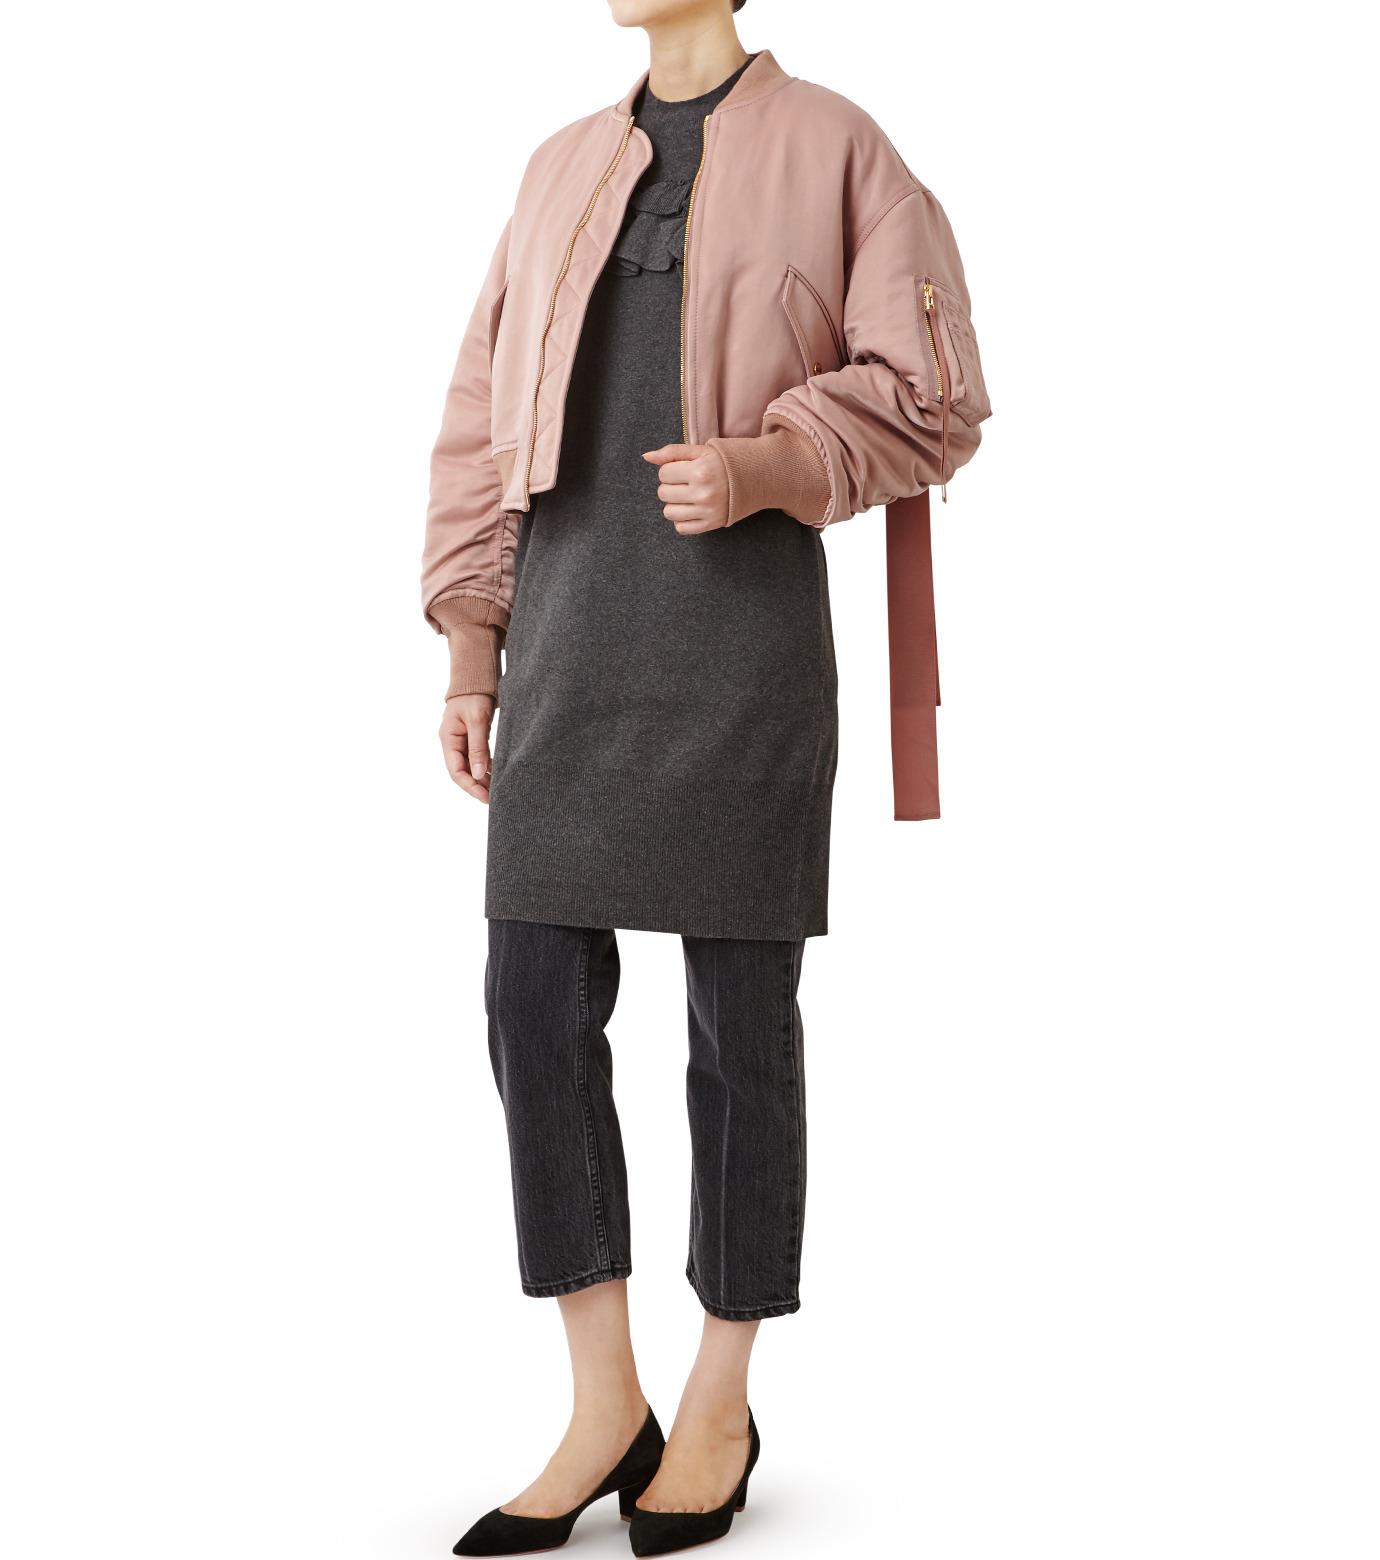 LE CIEL BLEU(ルシェルブルー)のリボンシェイクスMA-1-PINK(ジャケット/jacket)-18A64509 拡大詳細画像3